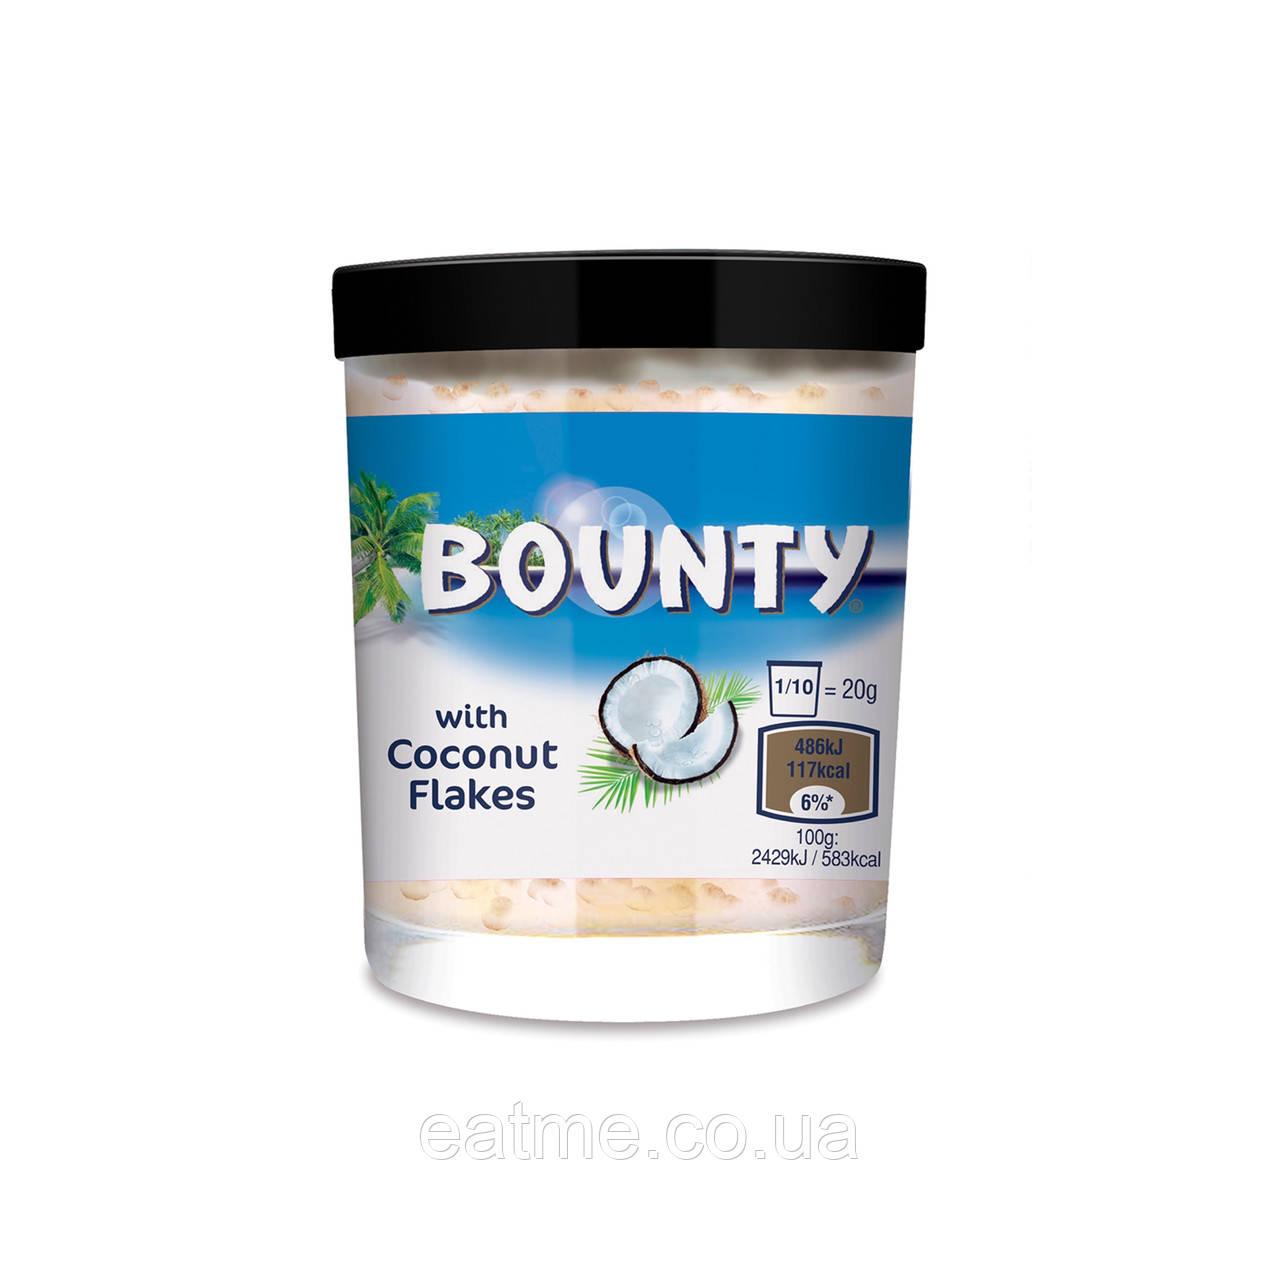 Шоколадная паста Bounty из белого шоколада с кокосовой стружкой